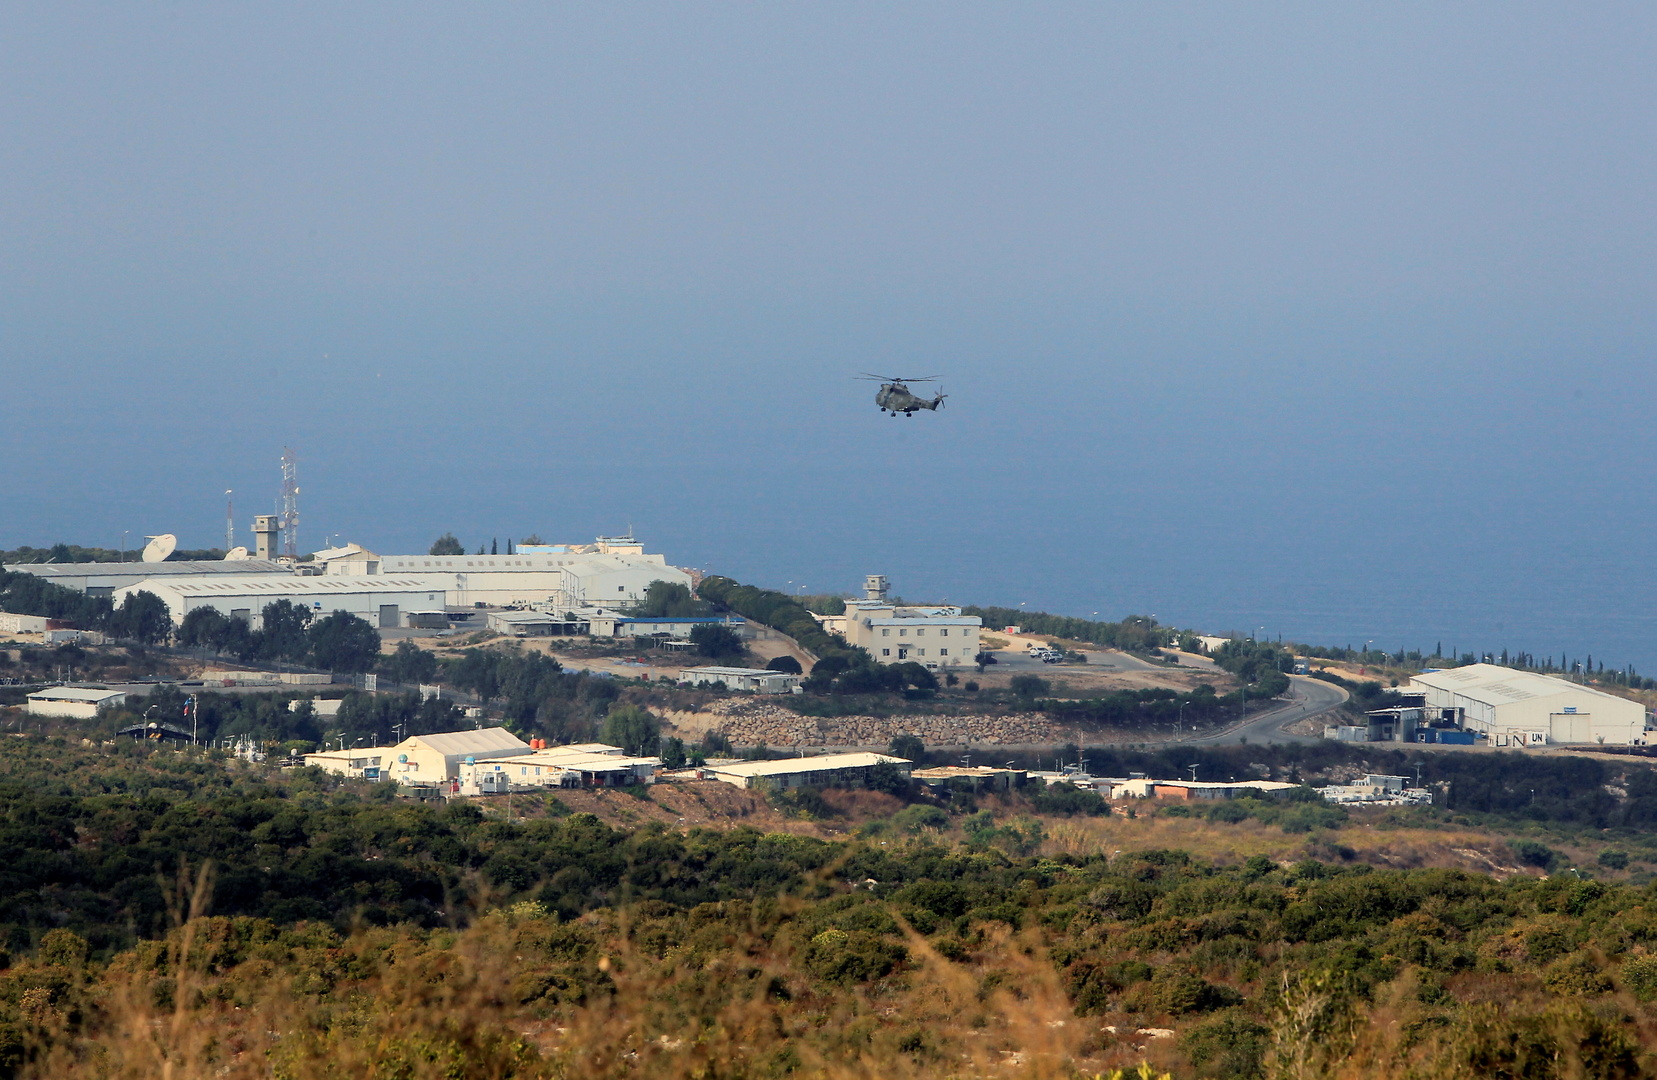 لبنان وإسرائيل يعقدان جلسة رابعة من مفاوضات ترسيم الحدود ويحددان موعد الخامسة